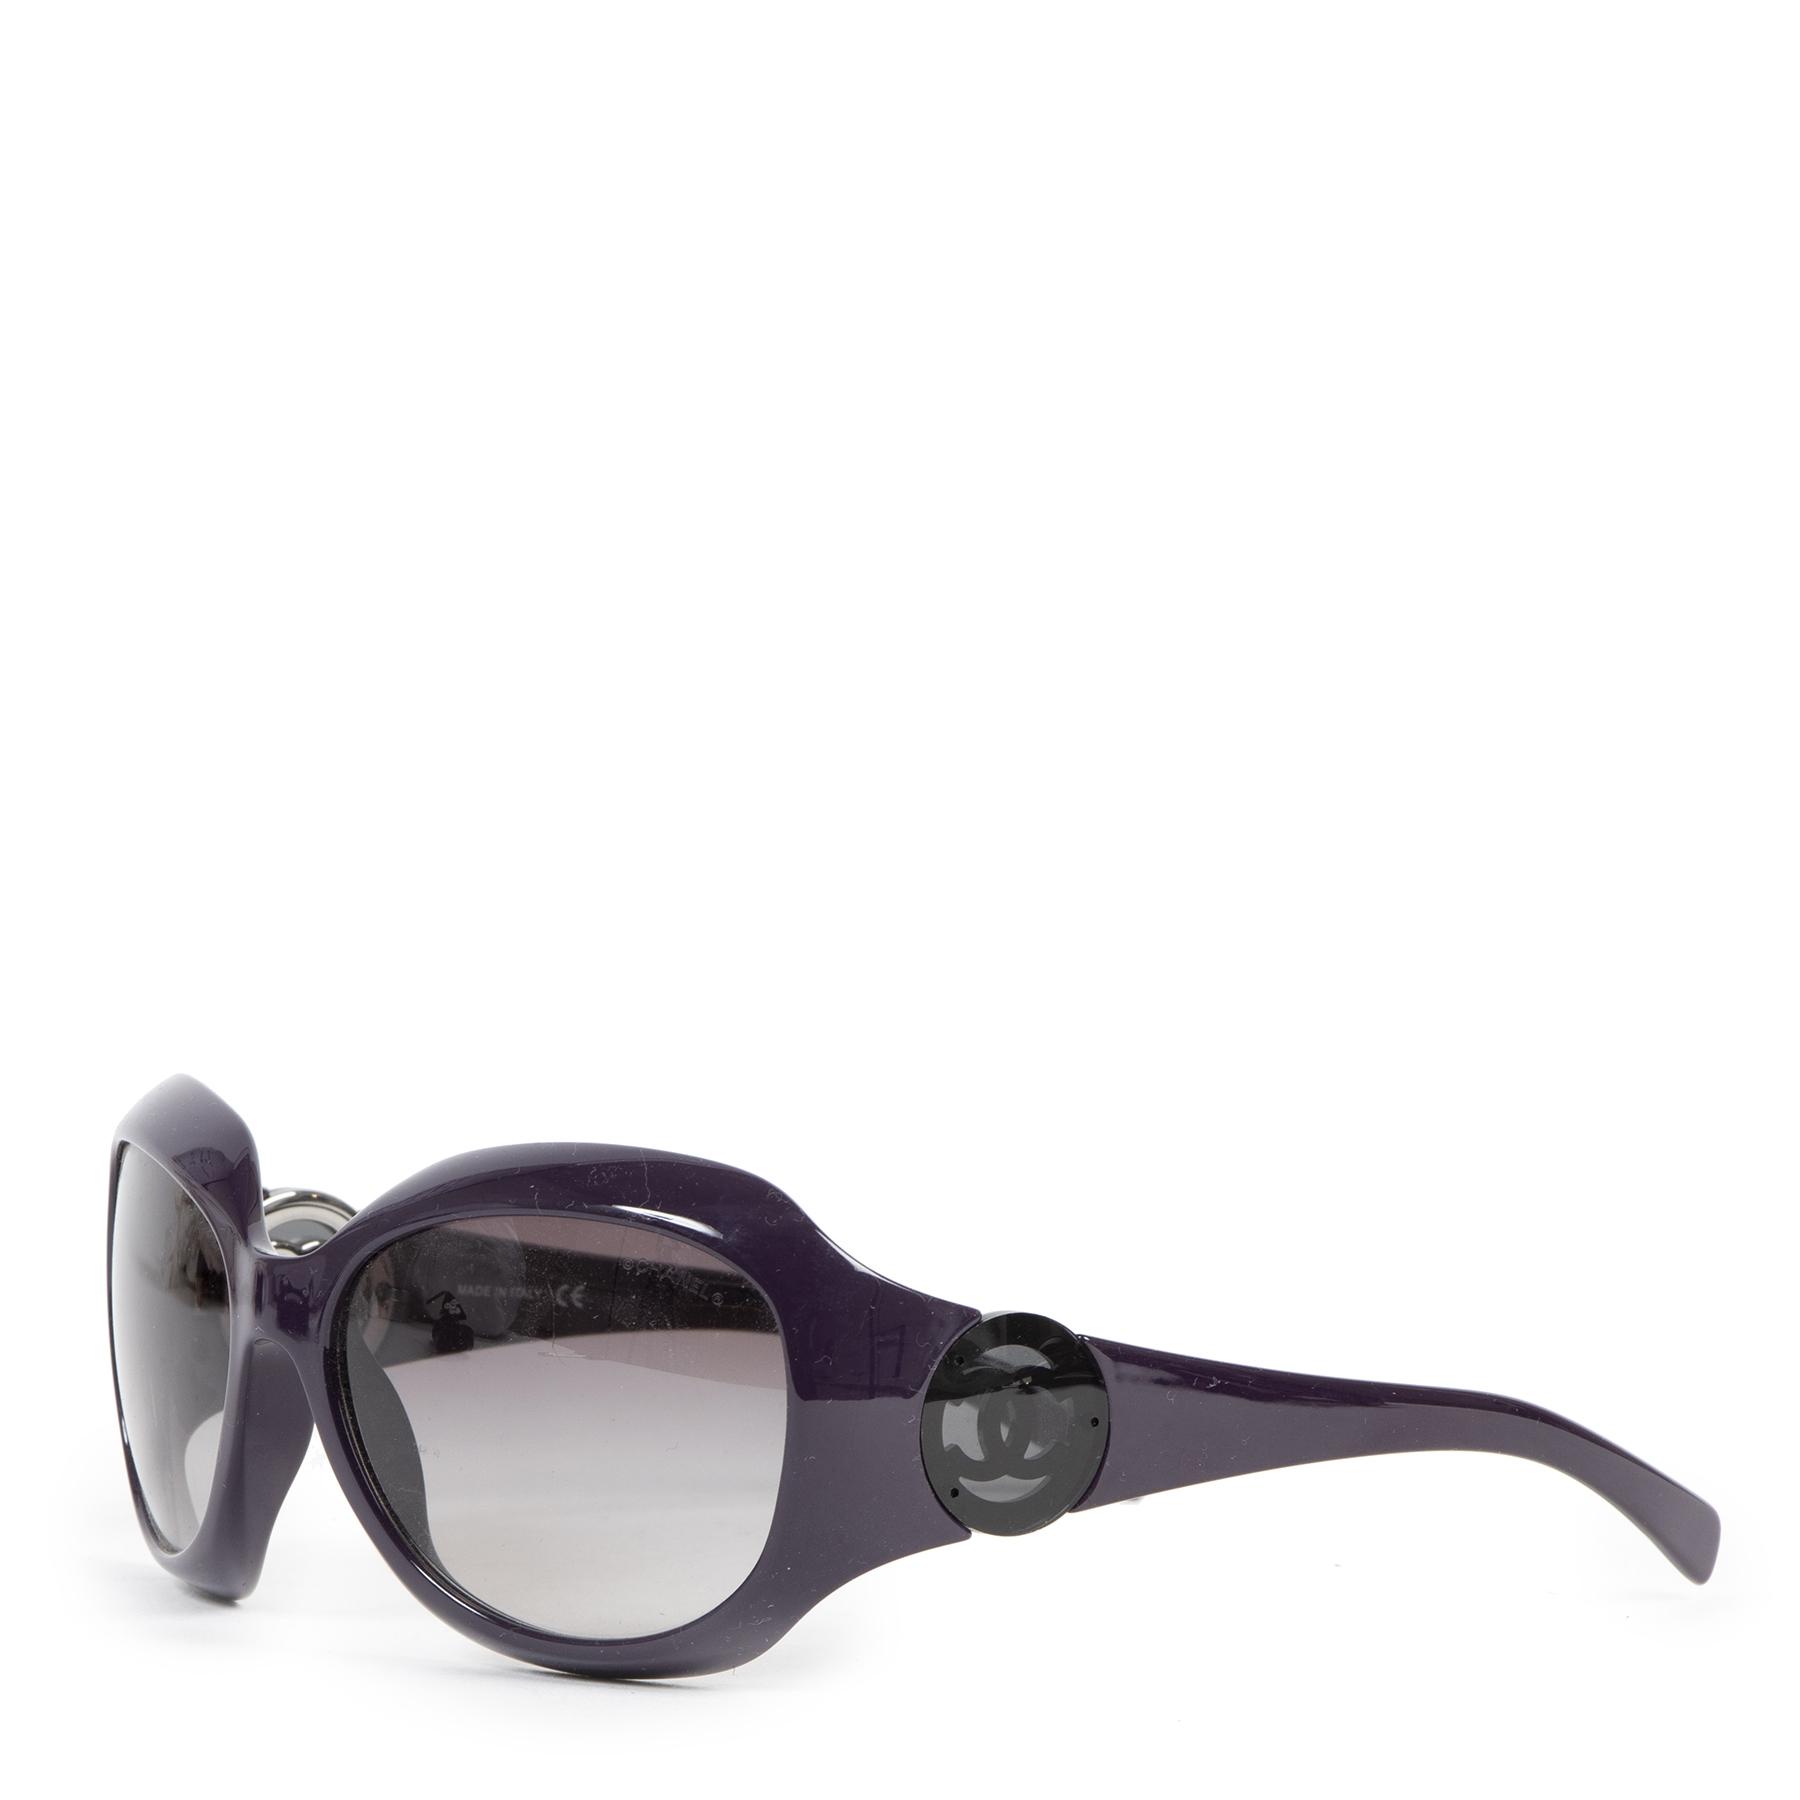 Authentieke Tweedehands Chanel Purple CC Logo Sunglasses juiste prijs veilig online shoppen luxe merken webshop winkelen Antwerpen België mode fashion